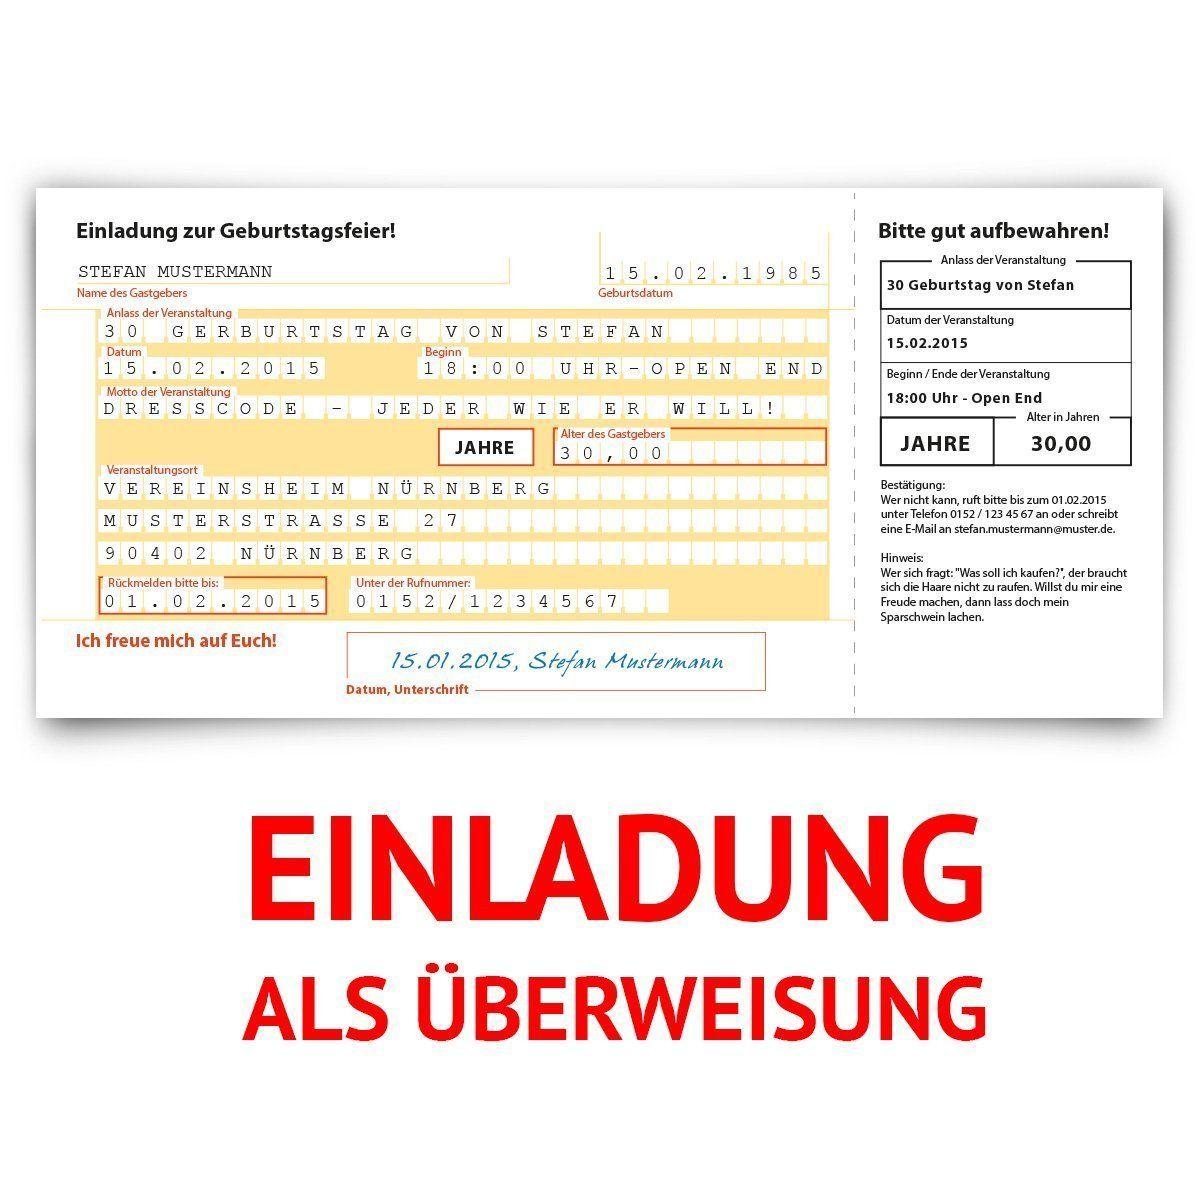 einladungskarten zum geburtstag 30 stck berweisung sepa bank konto zahlung geldsendung - Uberweisung Muster